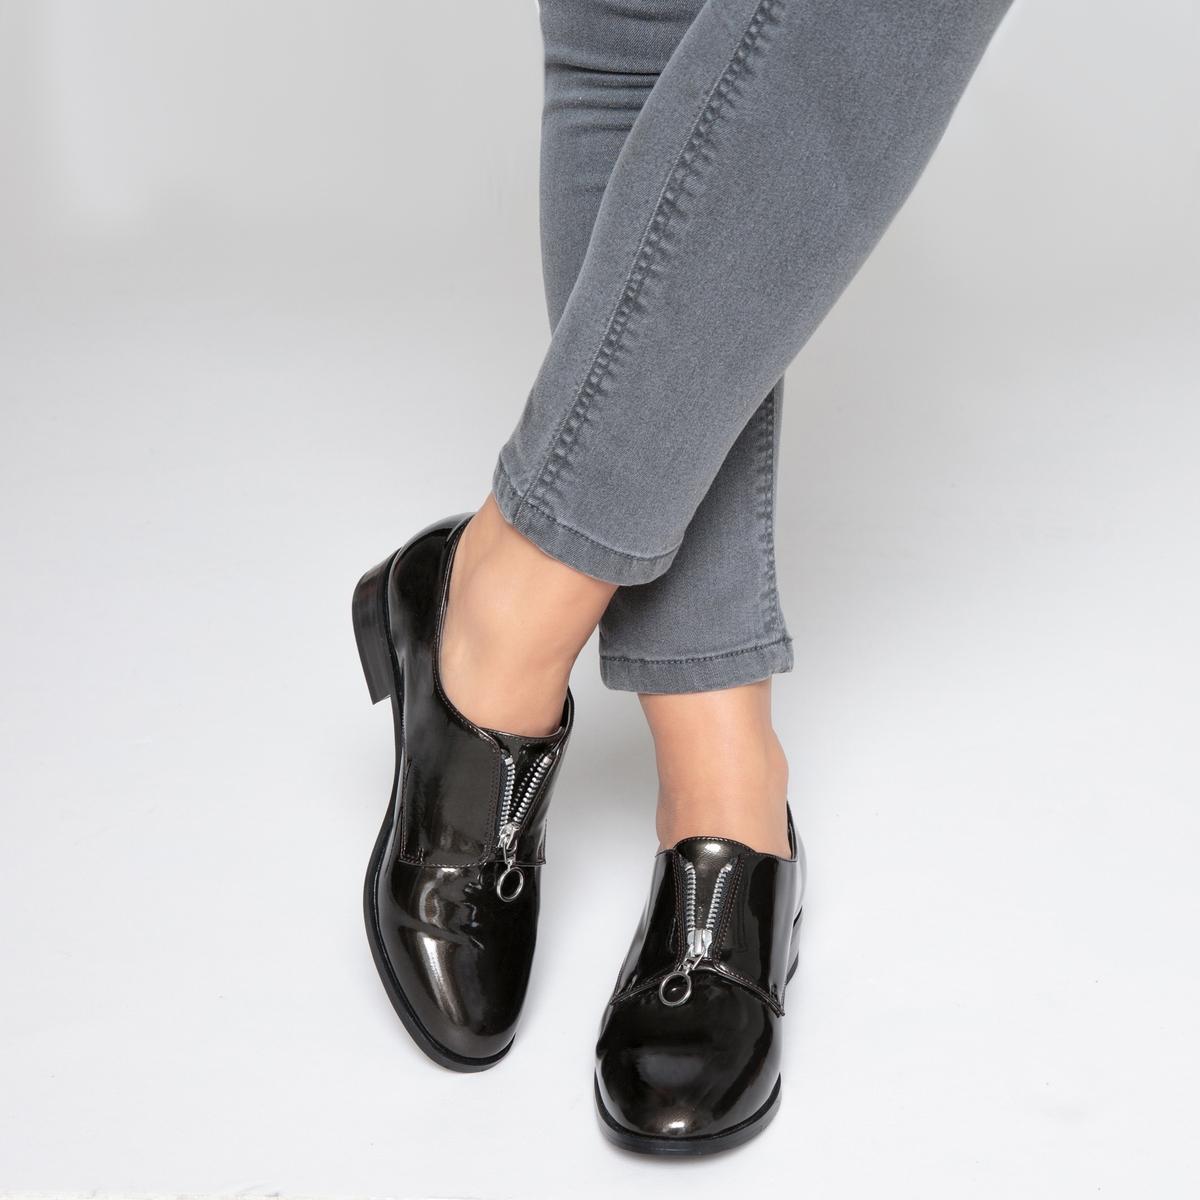 Ботинки-дерби на молнии спереди